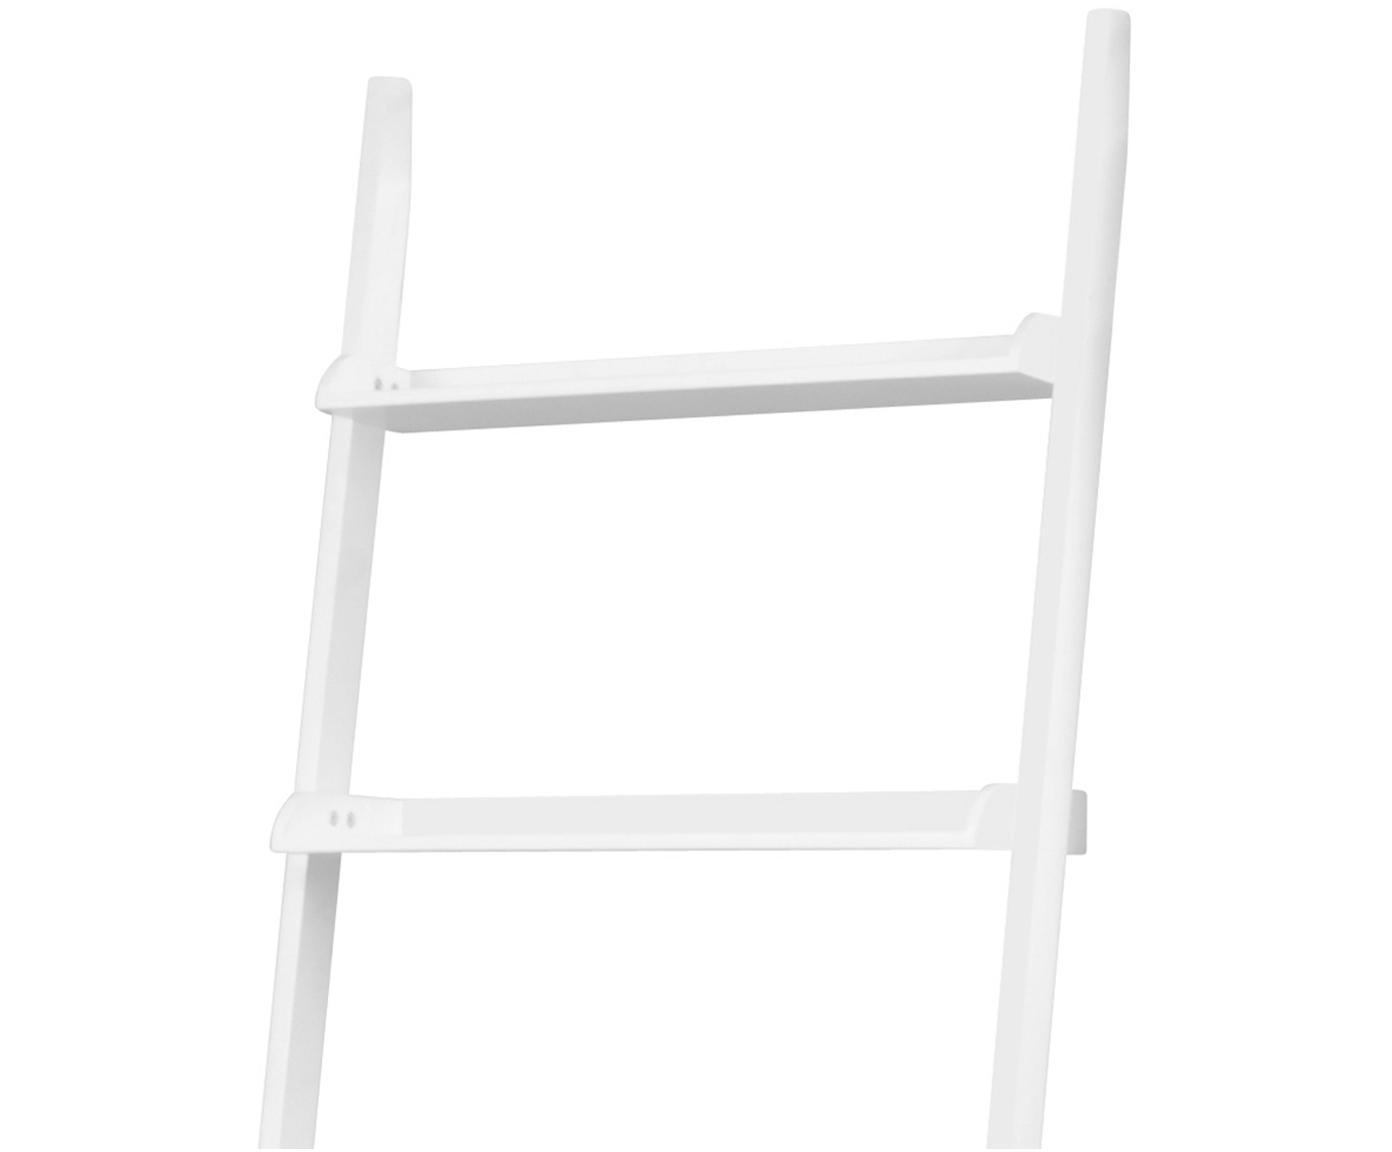 Leiter-Regal Wally in Weiß, Mitteldichte Holzfaserplatte (MDF), lackiert, Weiß, 67 x 189 cm